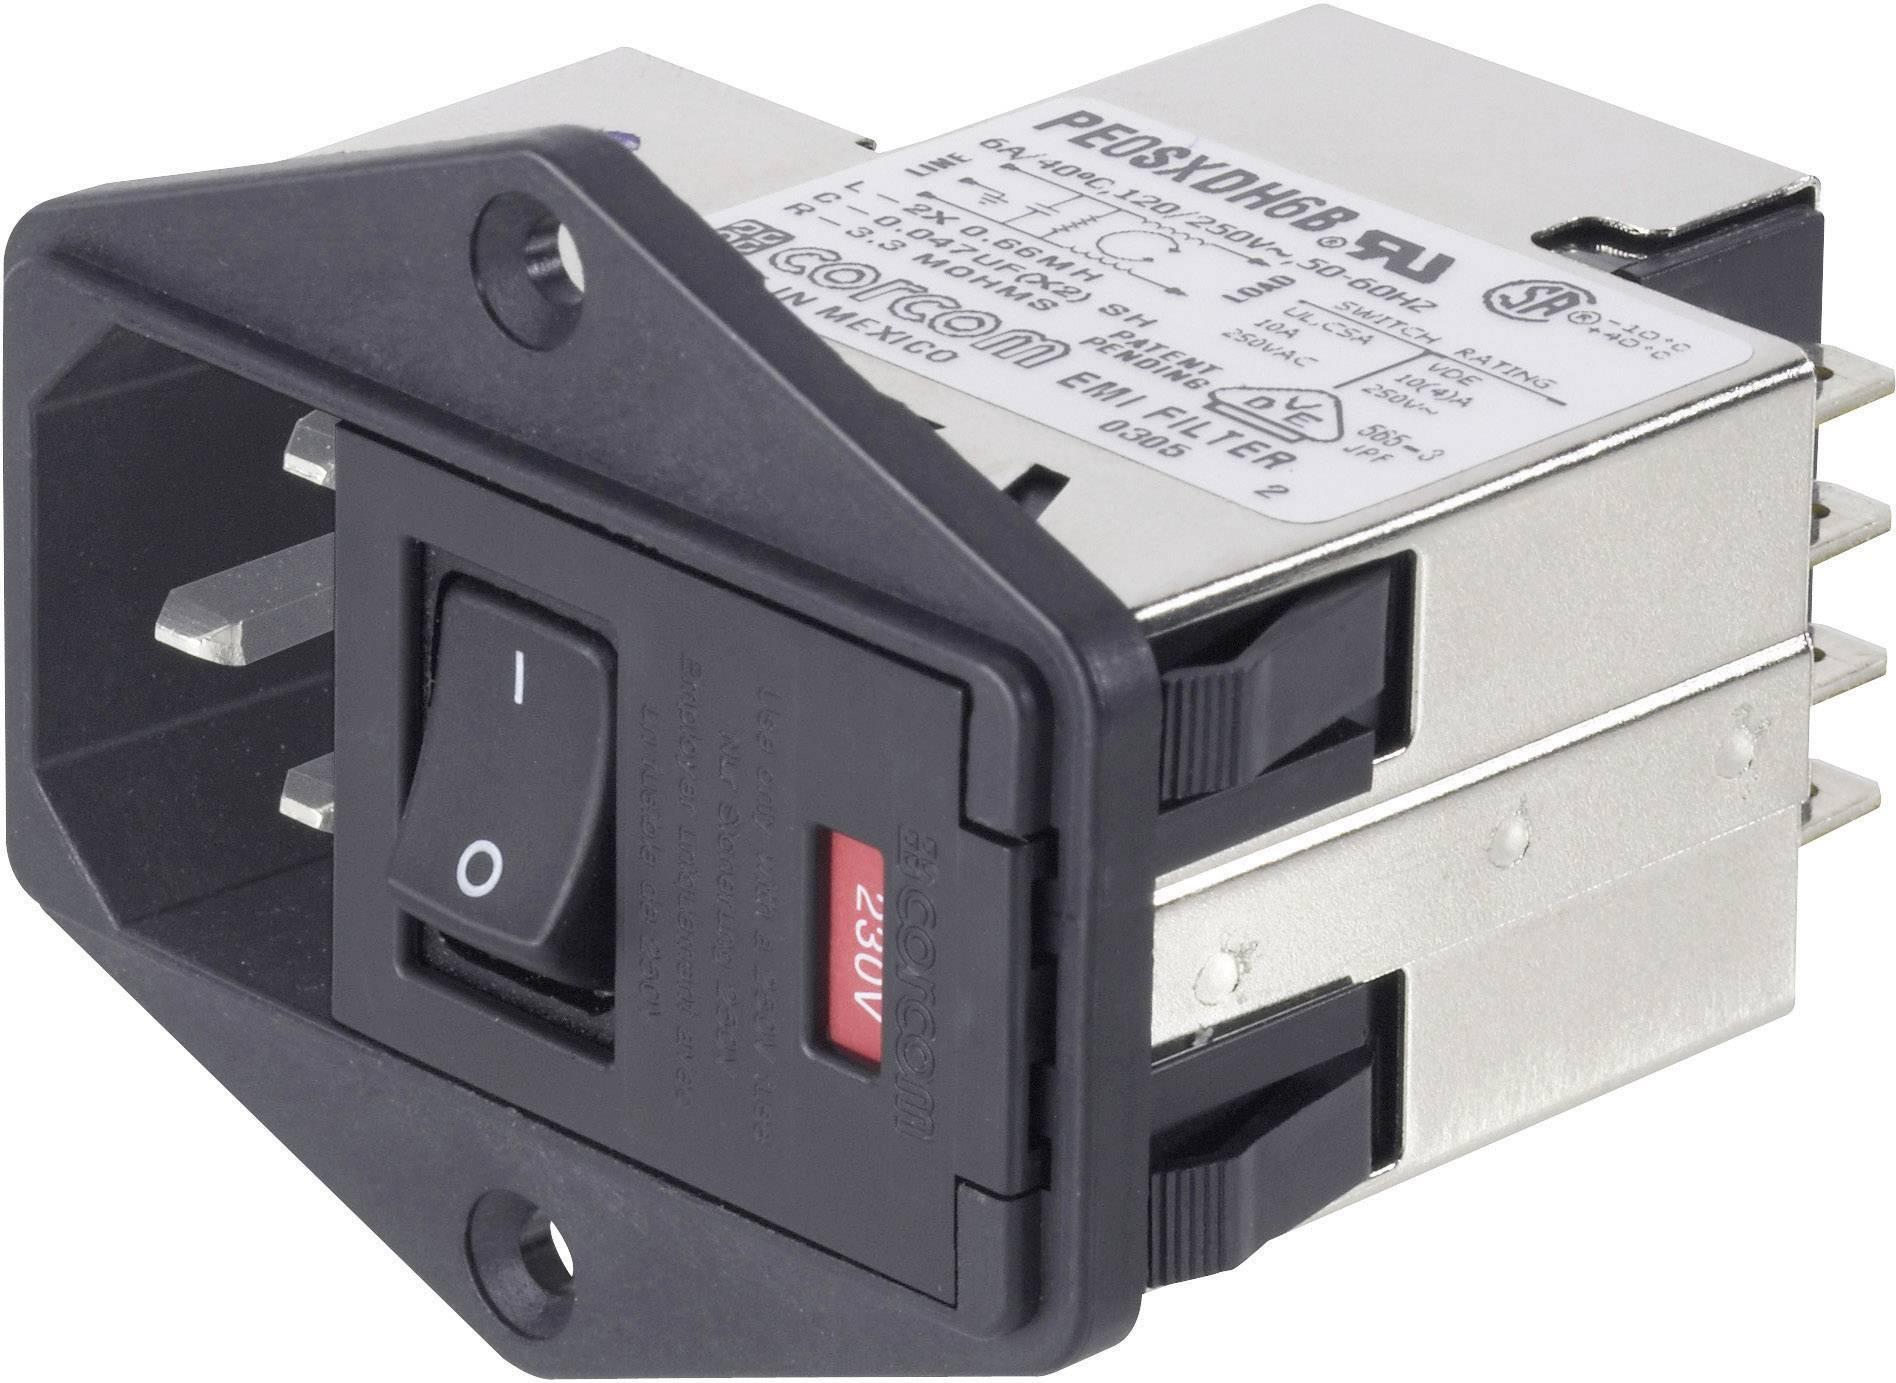 Sieťový filter TE Connectivity PS0SXDS6B=C1175 6-6609107-8, so spínačom, s dvoma poistkami, s IEC zásuvkou, 250 V/AC, 6 A, 1 ks